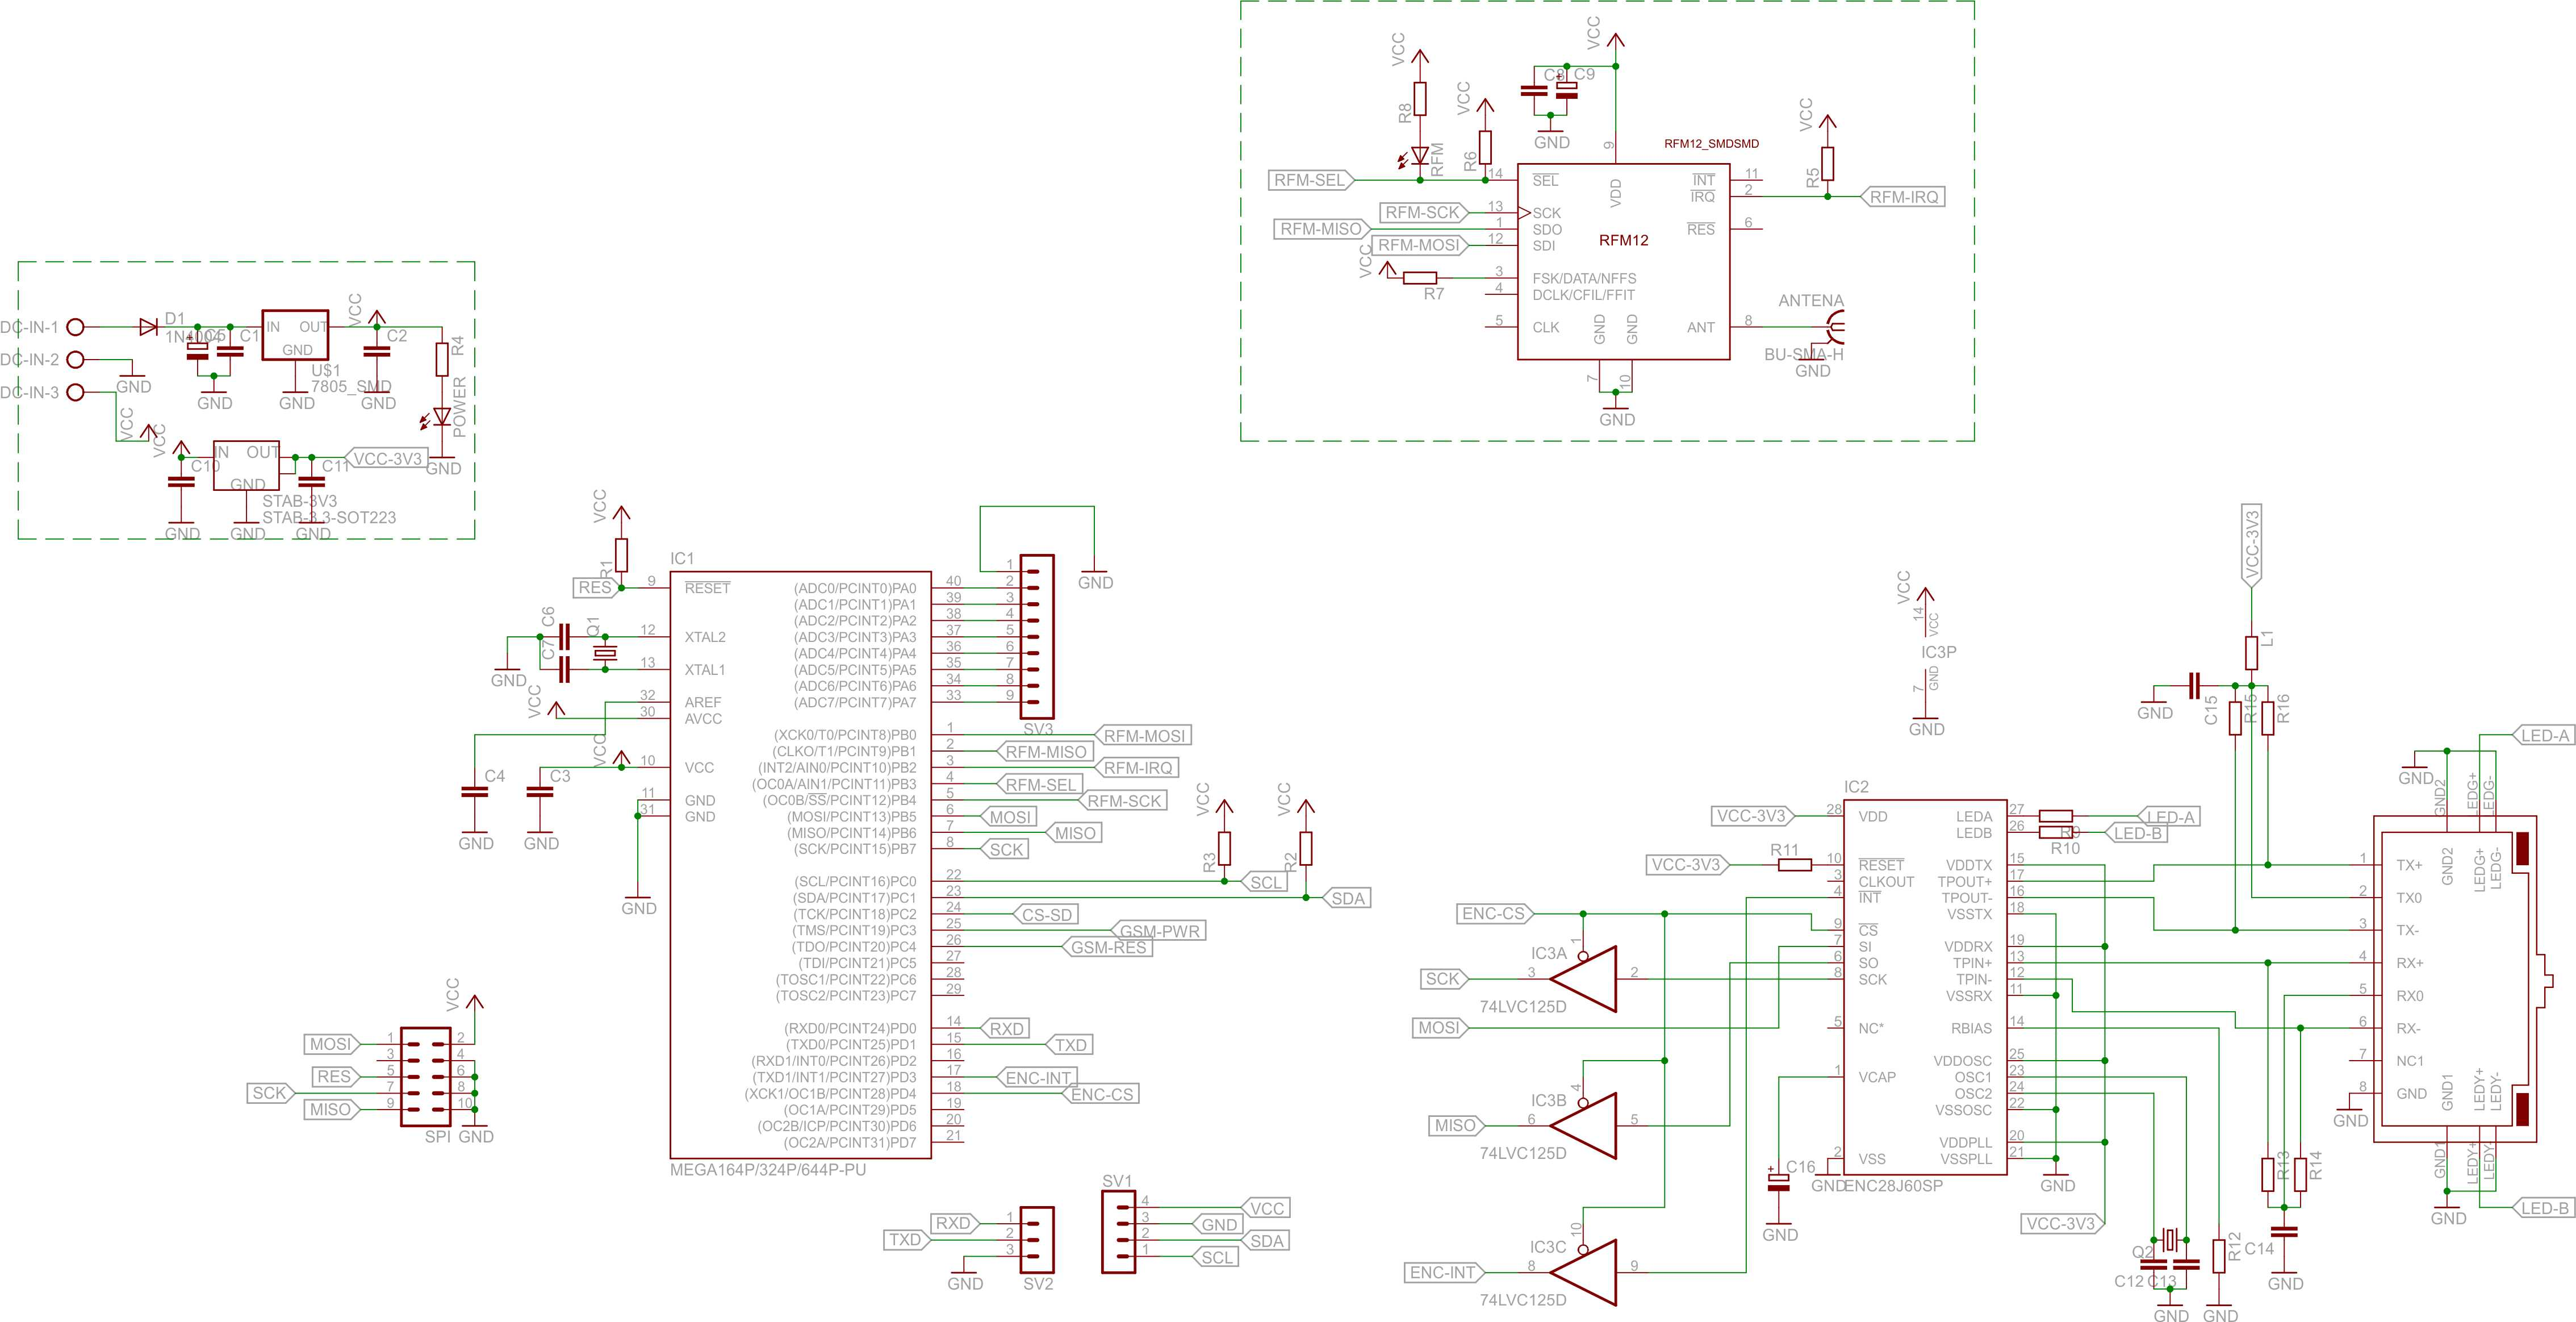 Atmega644/Bascom - ENC28J60 - schemat - pro�ba o sprawdzenie schematu